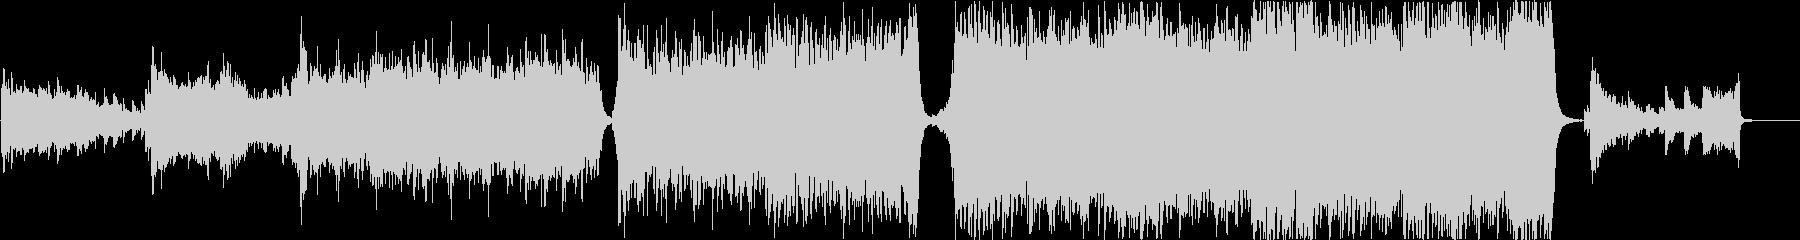 現代的 交響曲 エピック 弦楽器 ...の未再生の波形